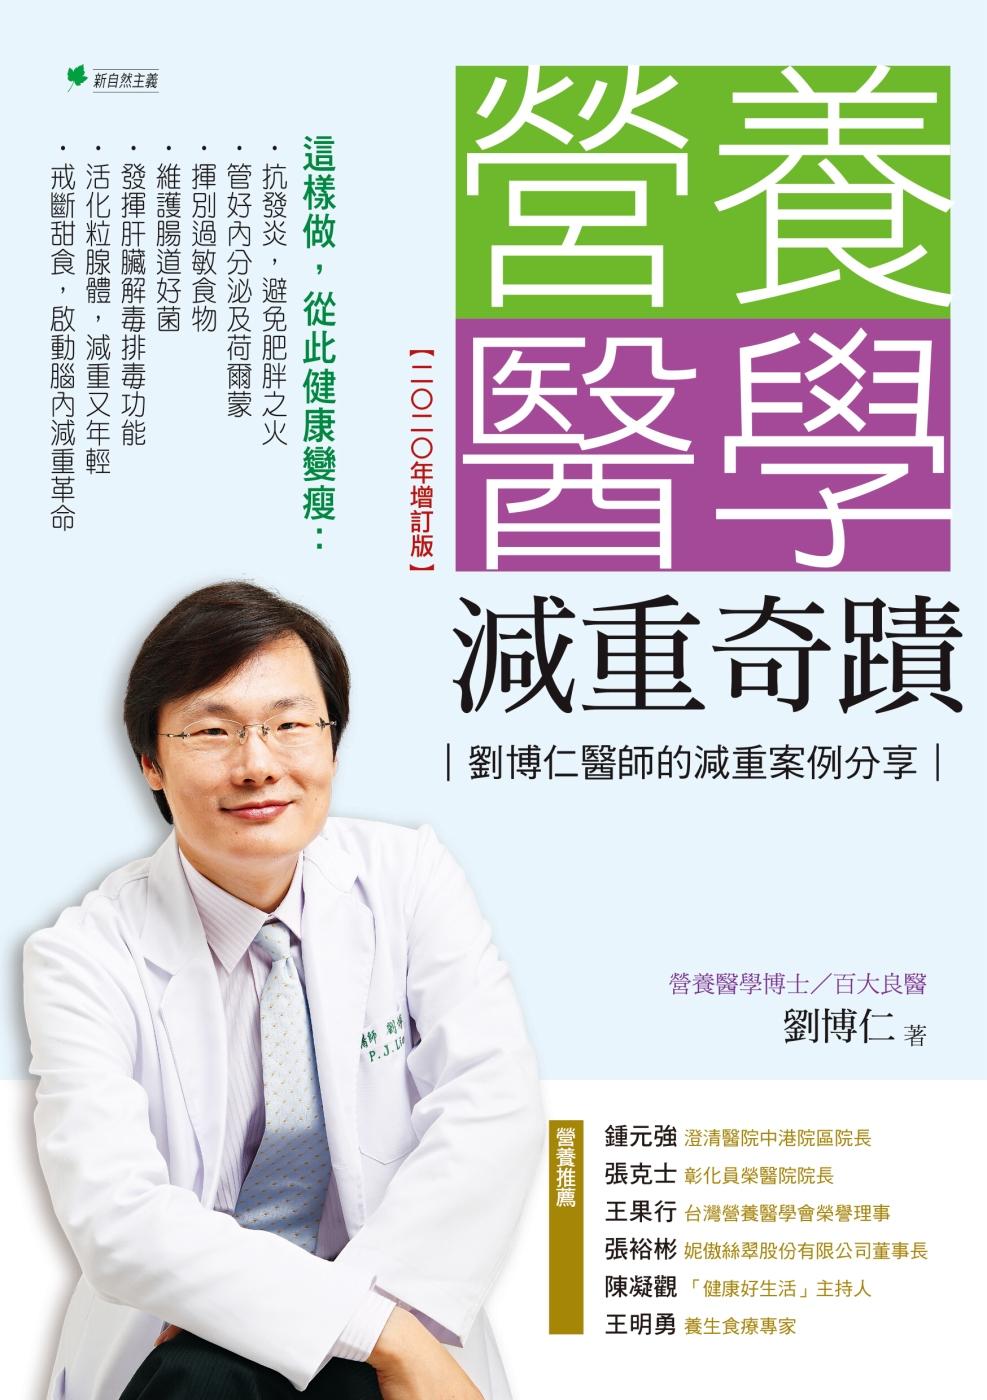 營養醫學減重奇蹟:劉博仁醫師的...